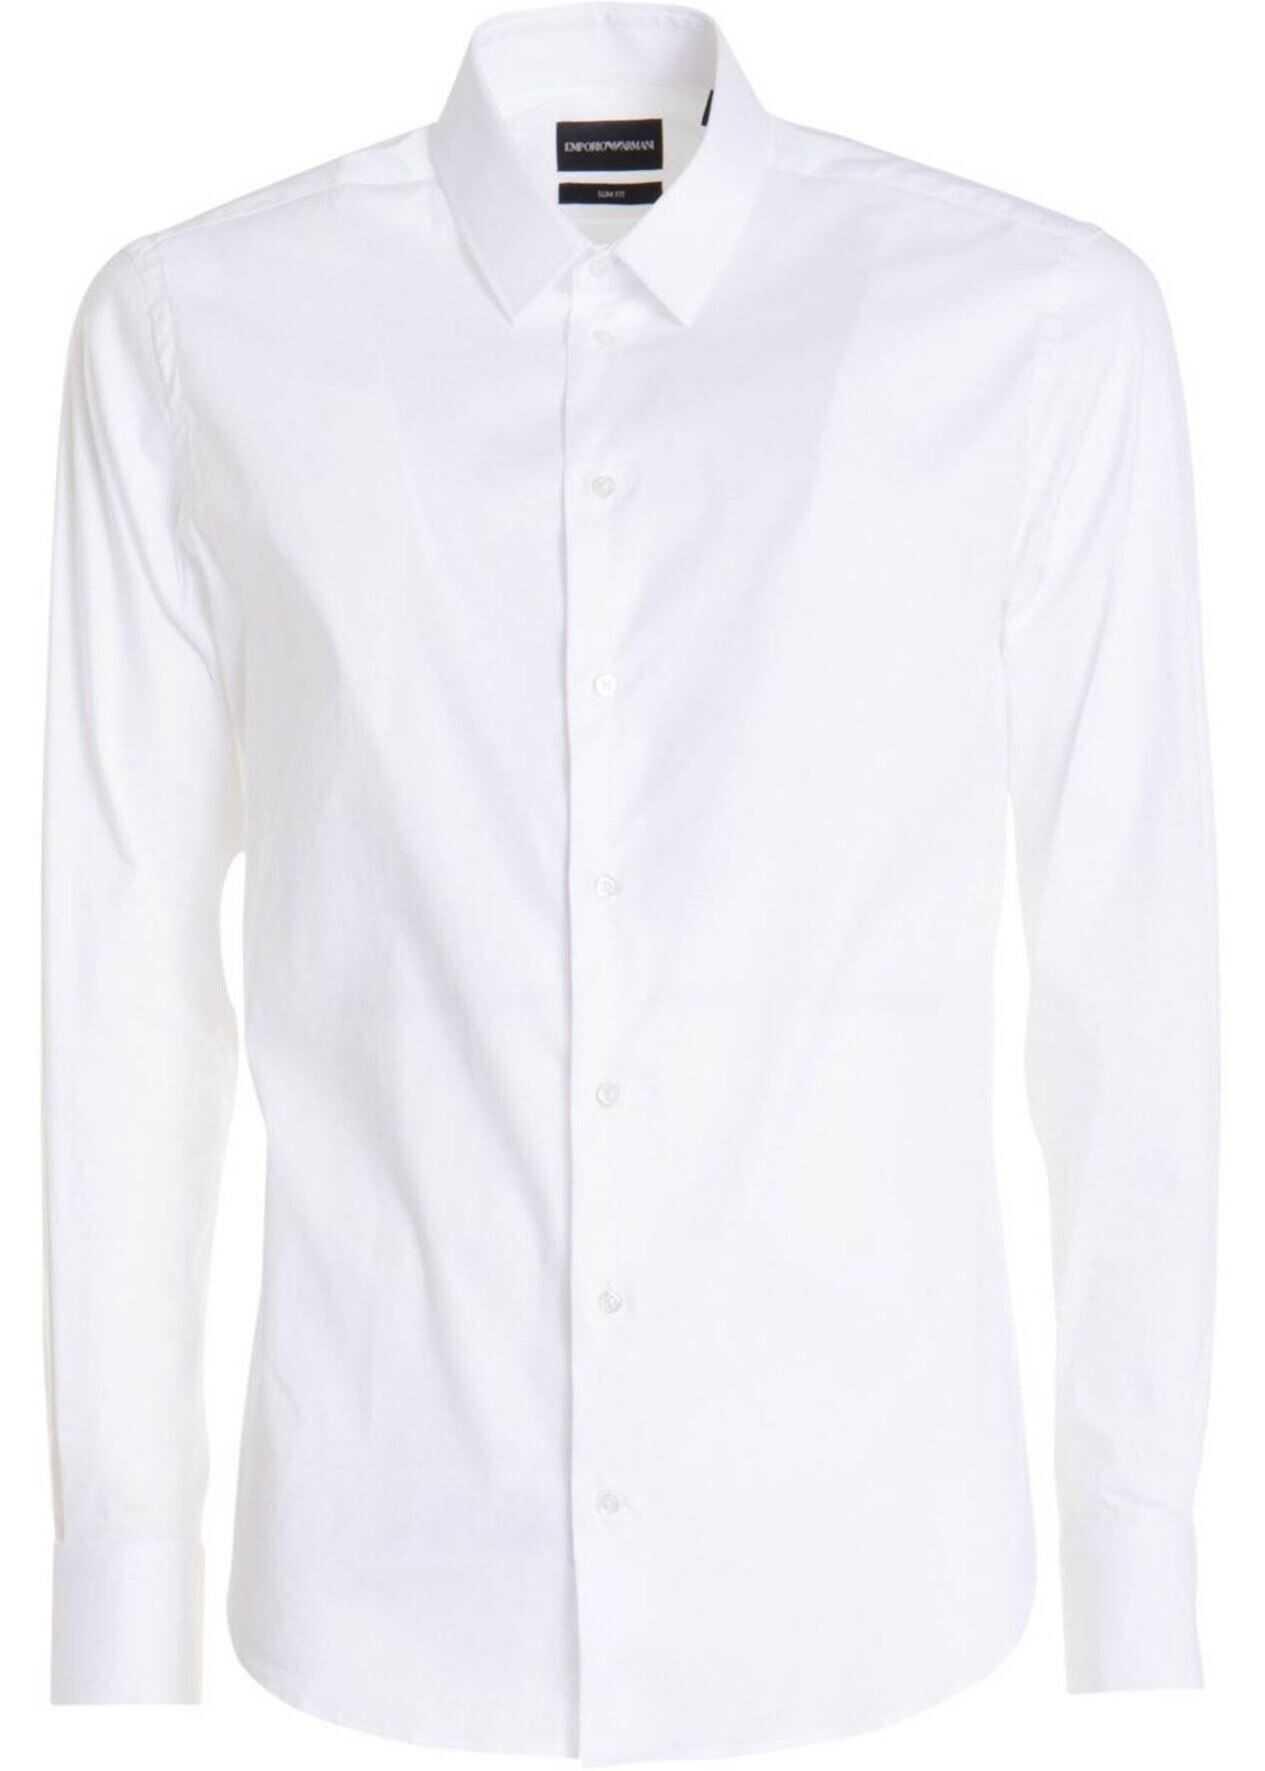 Emporio Armani Cotton Slim Fit Shirt In White White imagine